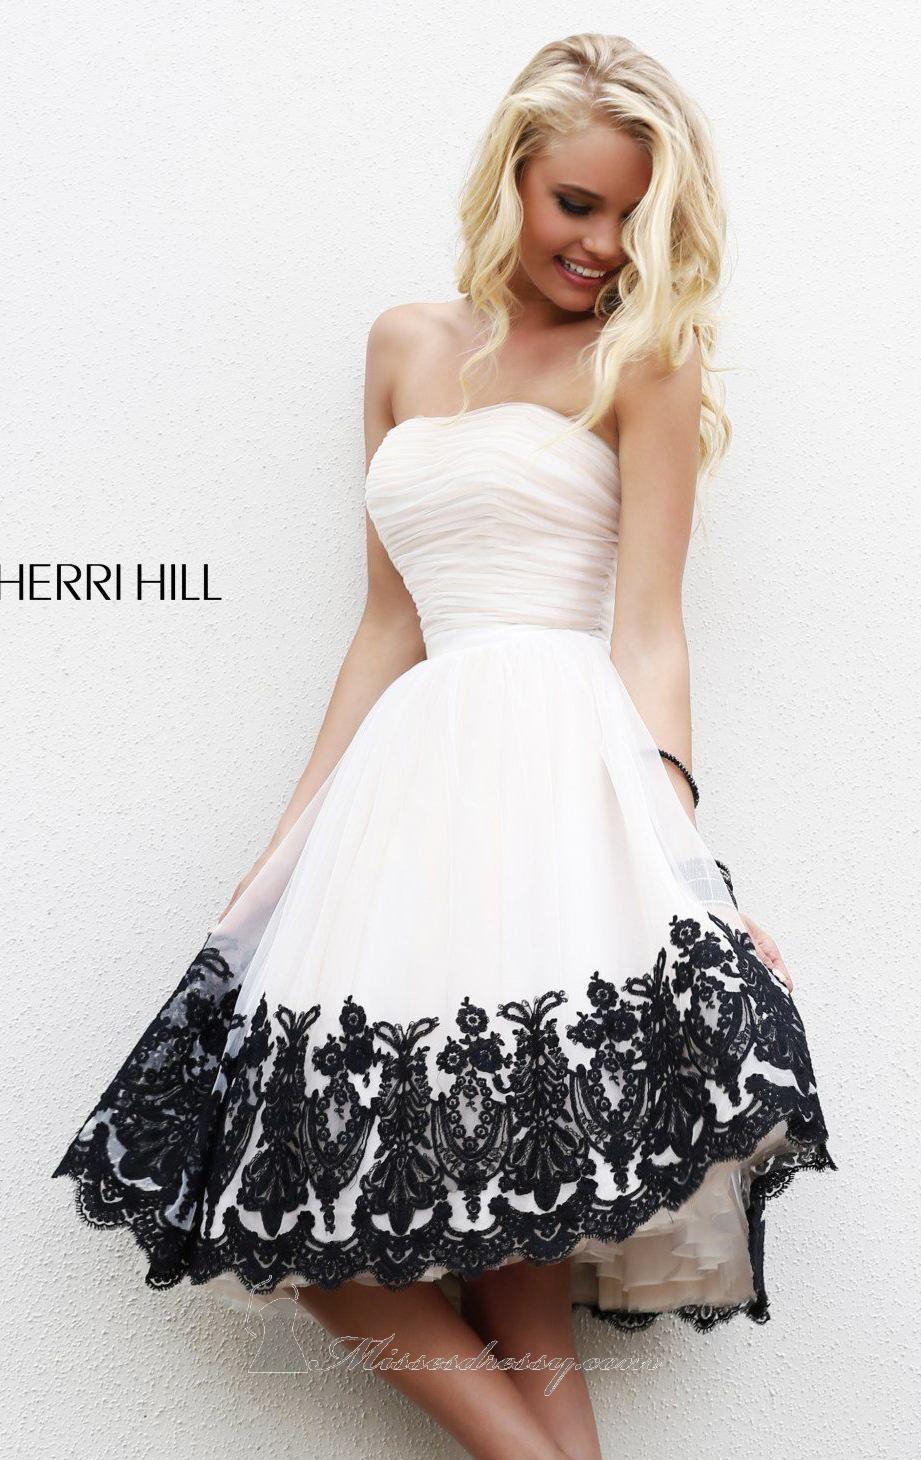 3697445e721 Sherri Hill 11092 Dress - MissesDressy.com Vestidos De Fiesta Para  Adolescentes